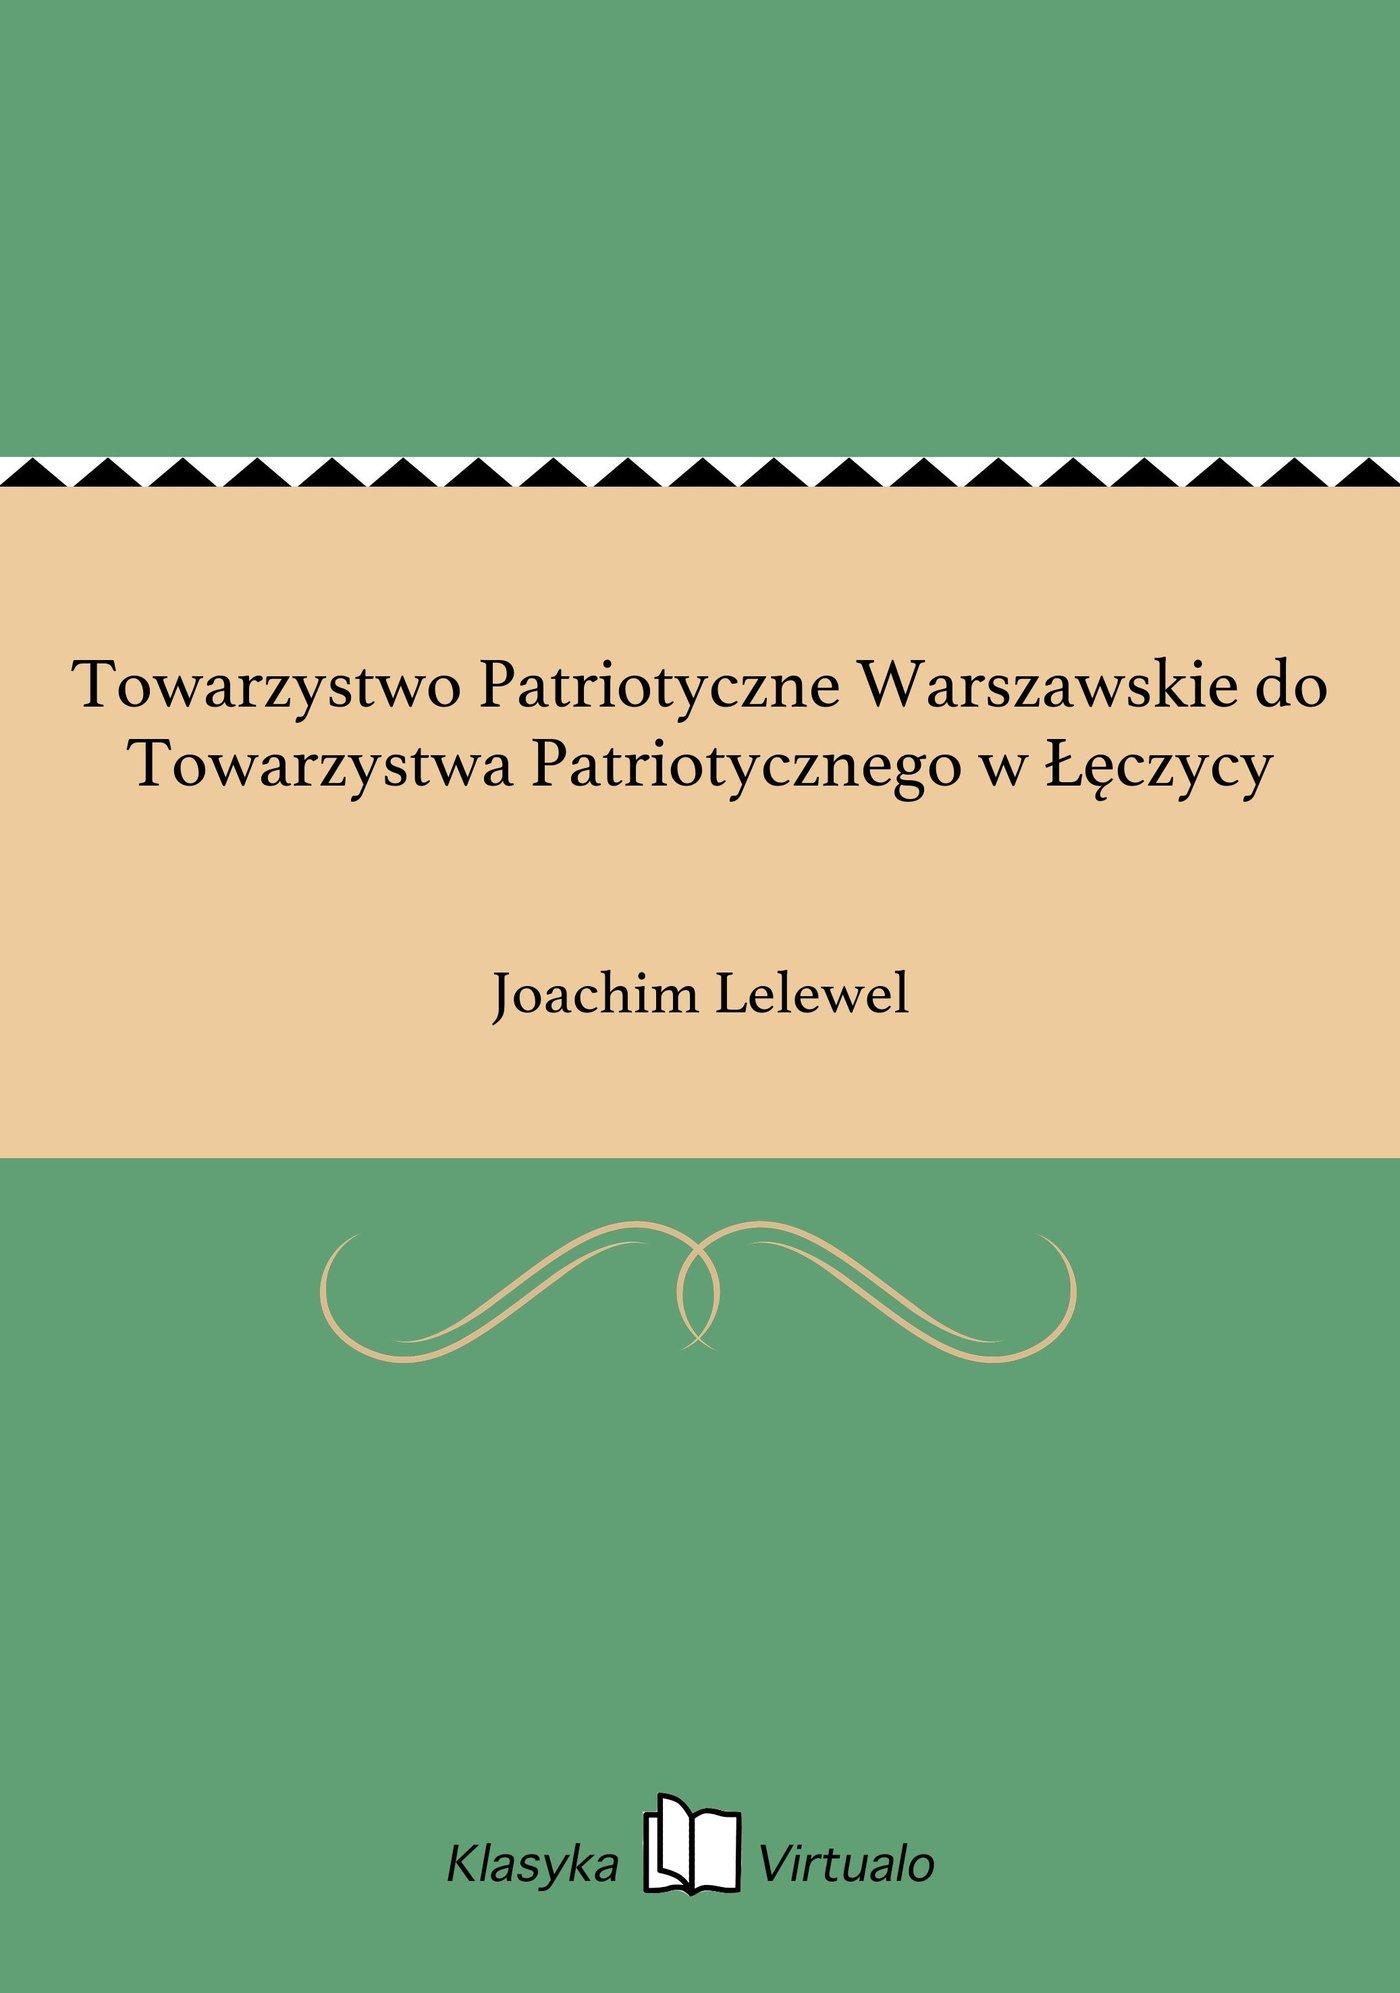 Towarzystwo Patriotyczne Warszawskie do Towarzystwa Patriotycznego w Łęczycy - Ebook (Książka na Kindle) do pobrania w formacie MOBI